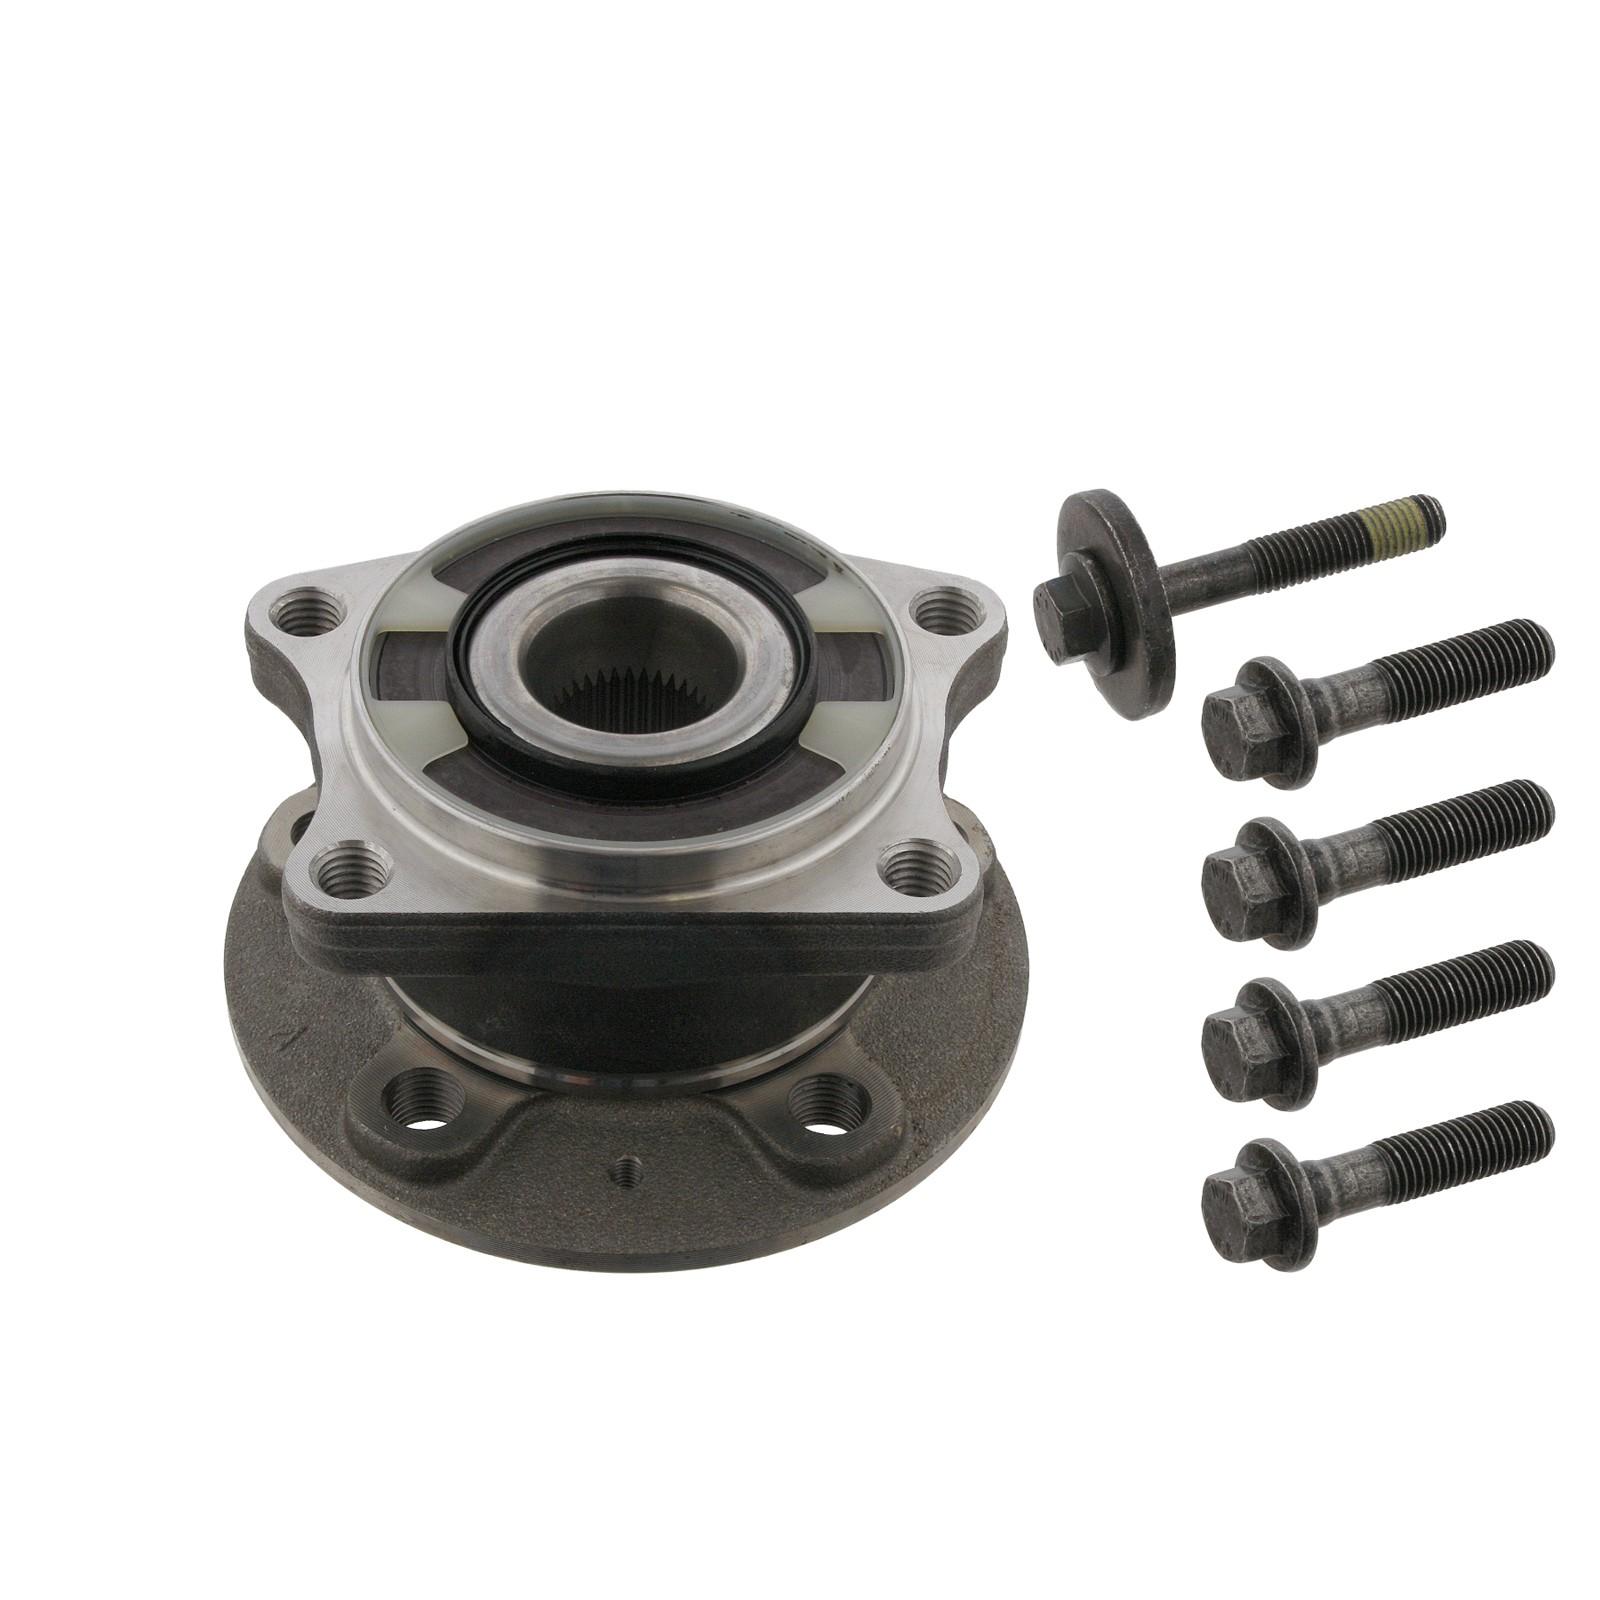 FEBI 31371 Radlagersatz Radnabe VOLVO XC90 I 2.5T / T6 / 3.2 / V8 / D5 AWD hinten 31340099